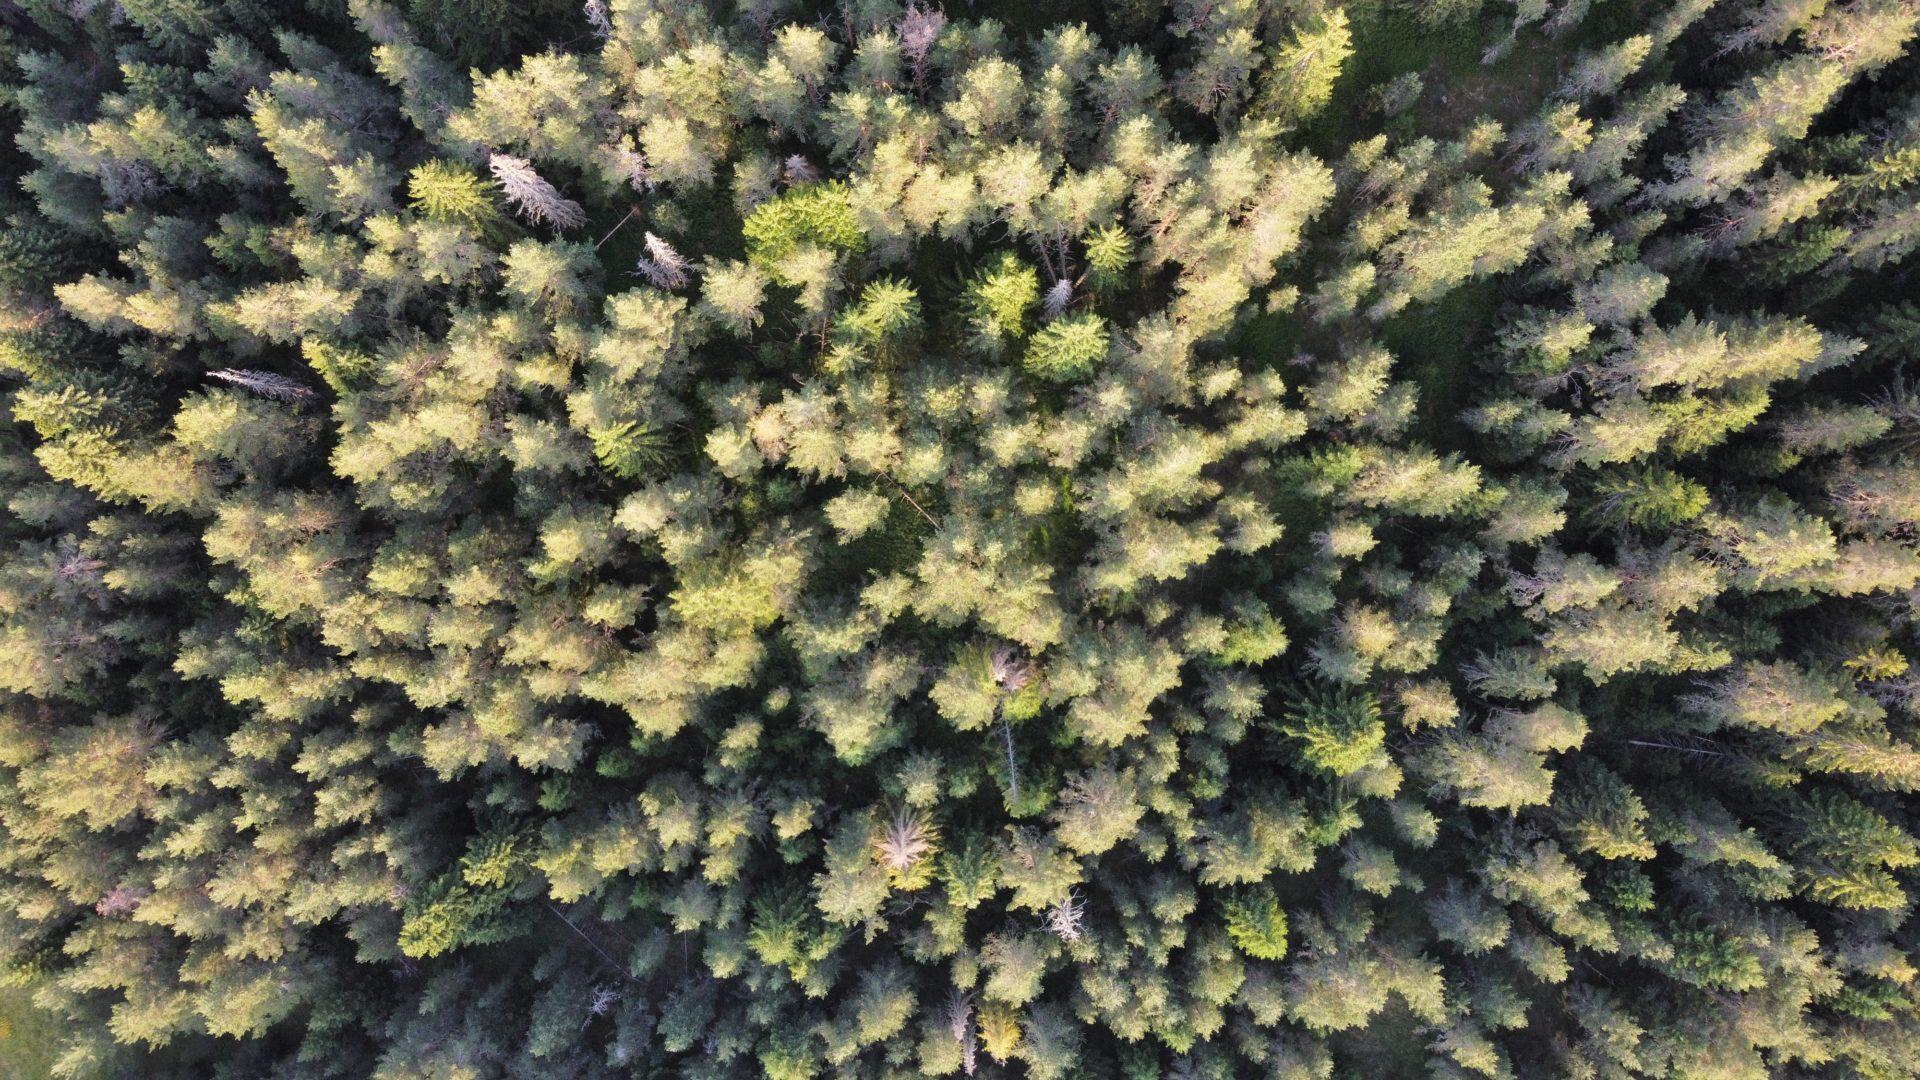 Photo drone Monténégro : Cime des arbres vue du ciel, très géométrique photographié en juillet 2021 avec un Drone DJI Mini2